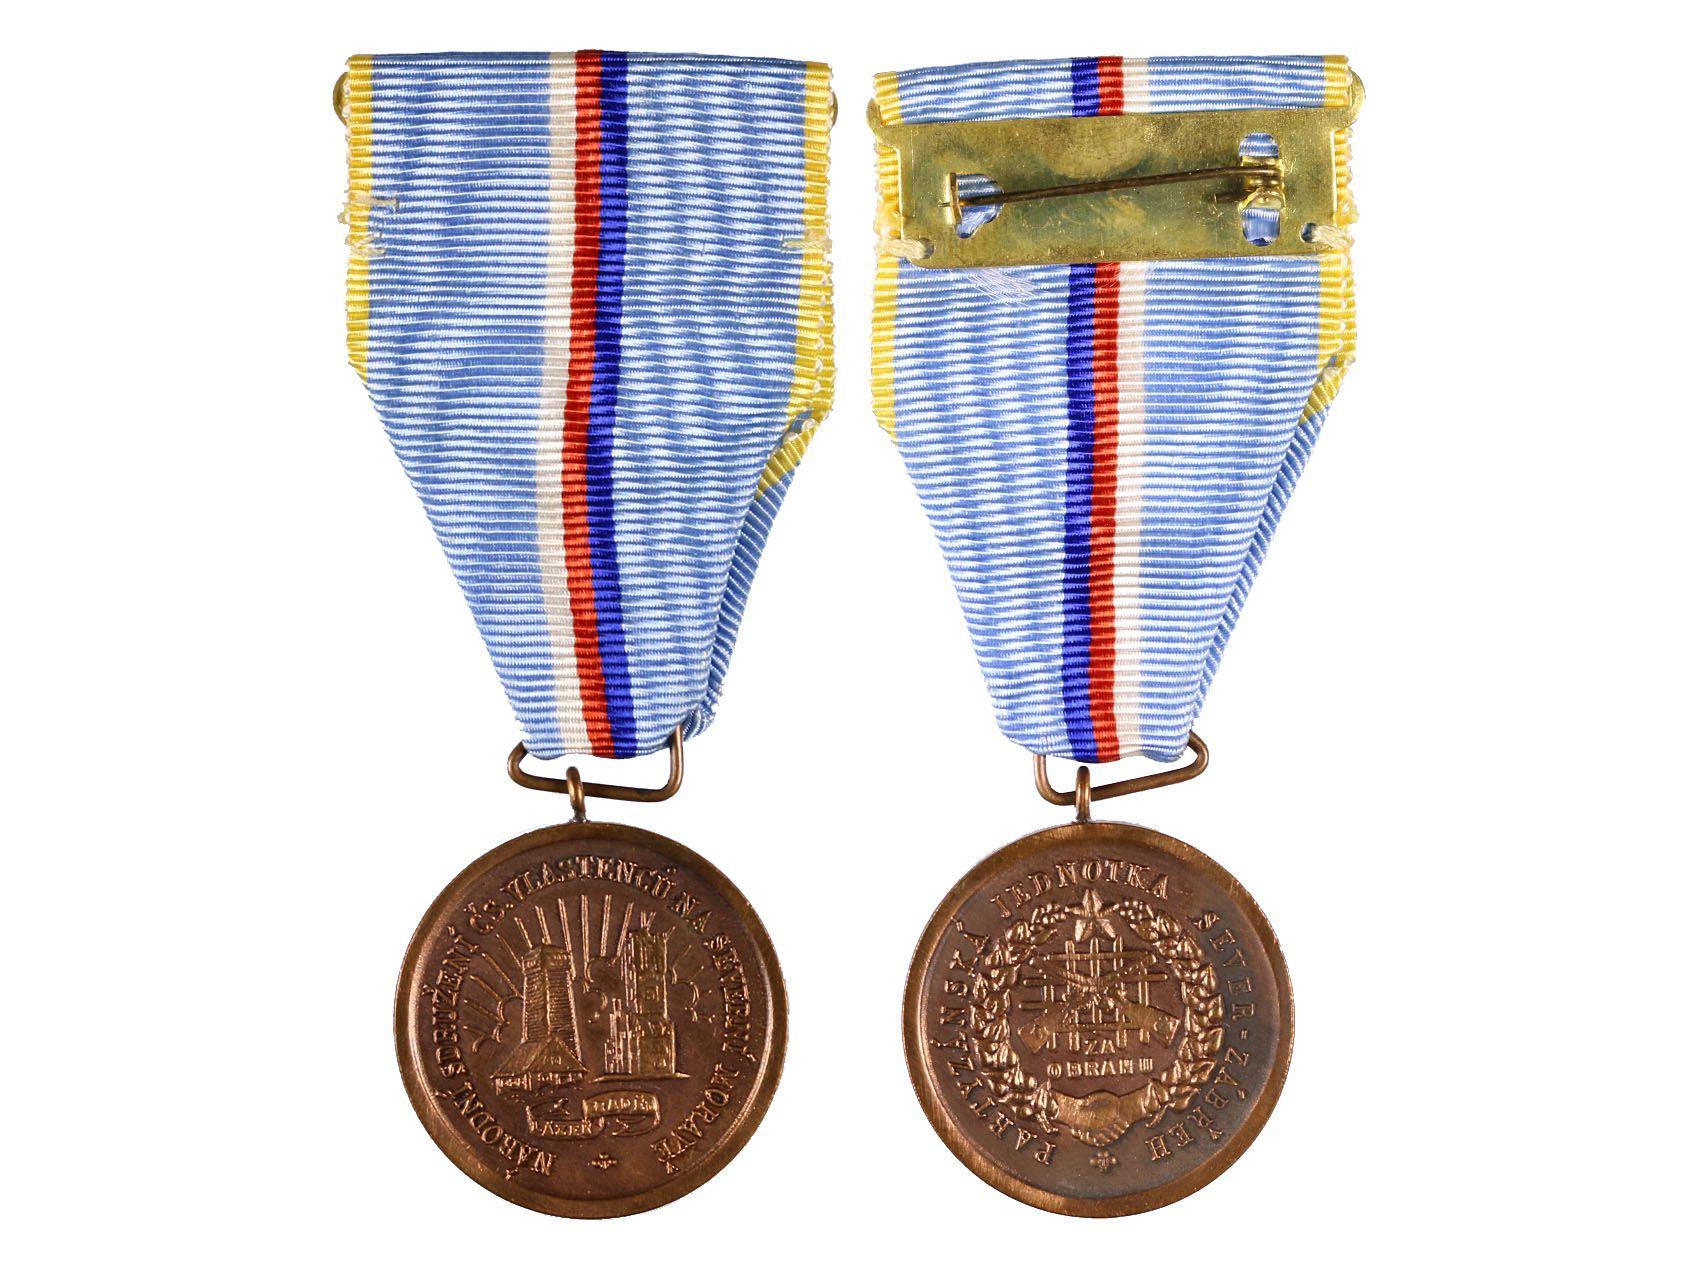 Pamětní medaile protifašistického odboje na Severní Moravě, Partyzánská jednotka Sever-Zábřeh, VM 183